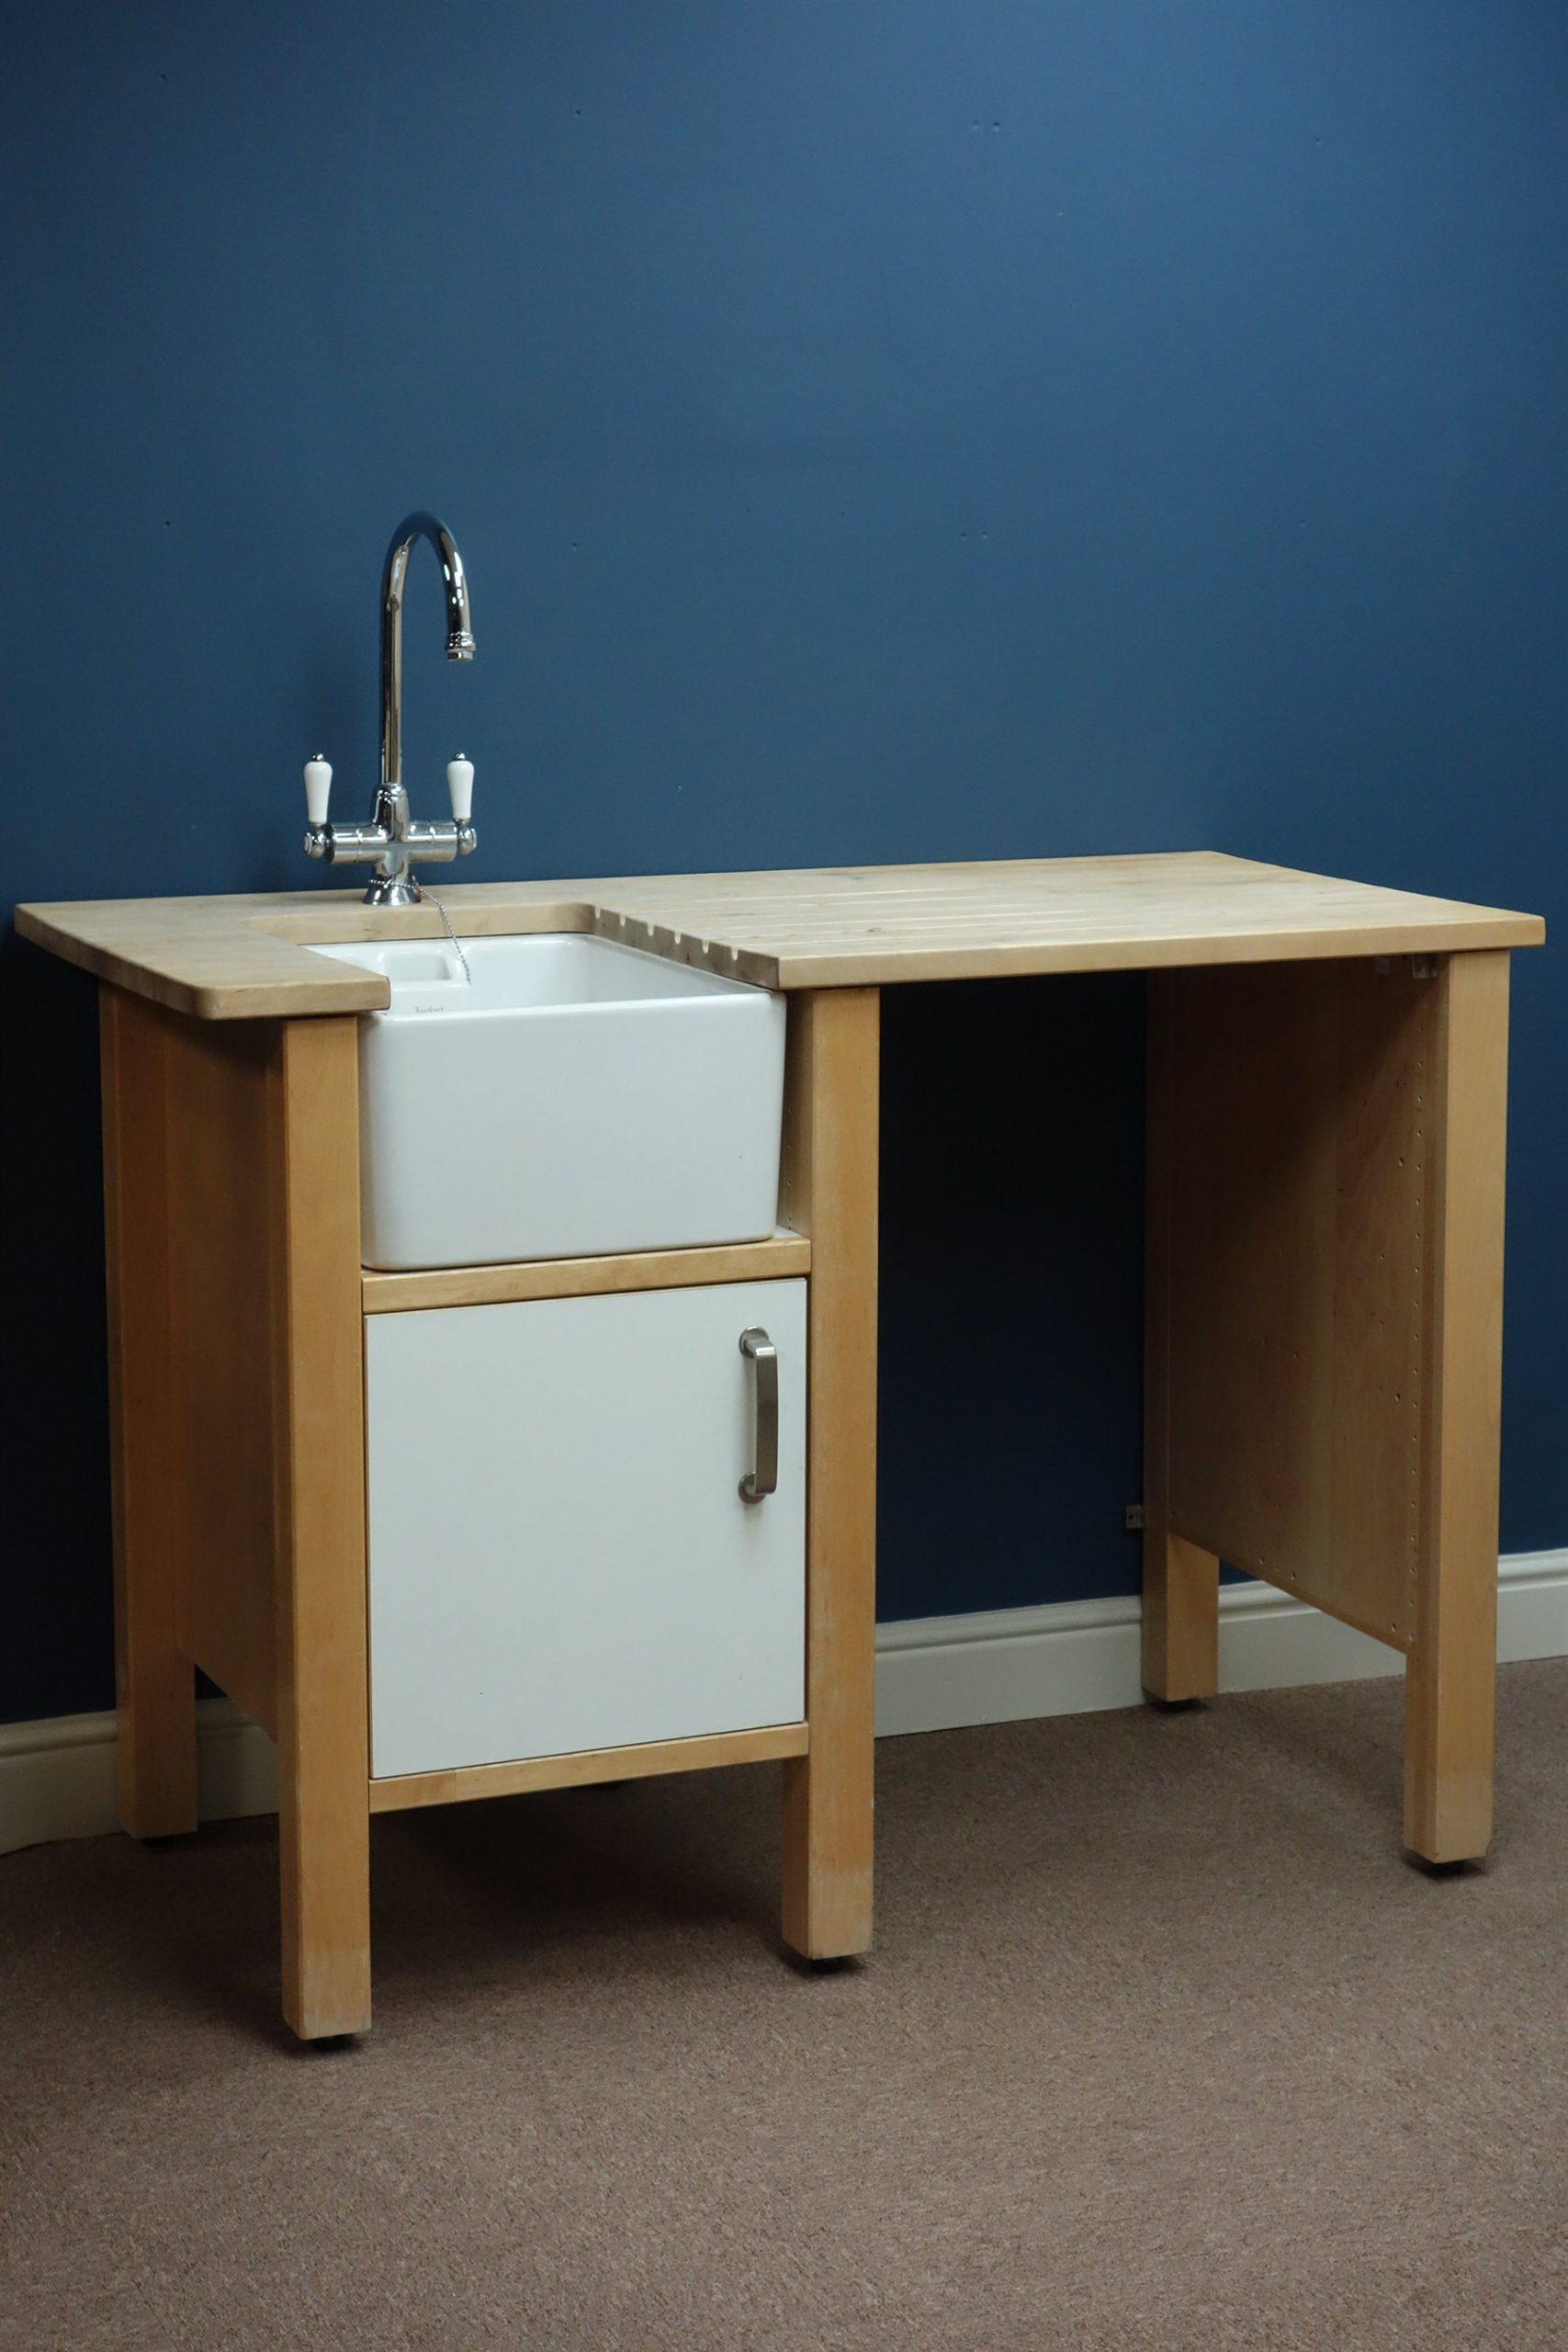 Full Size of Ikea Värde Varde Beech And White Finish Kitchen Sink Unit With Belfast Küche Kosten Sofa Mit Schlaffunktion Miniküche Modulküche Betten 160x200 Bei Kaufen Wohnzimmer Ikea Värde